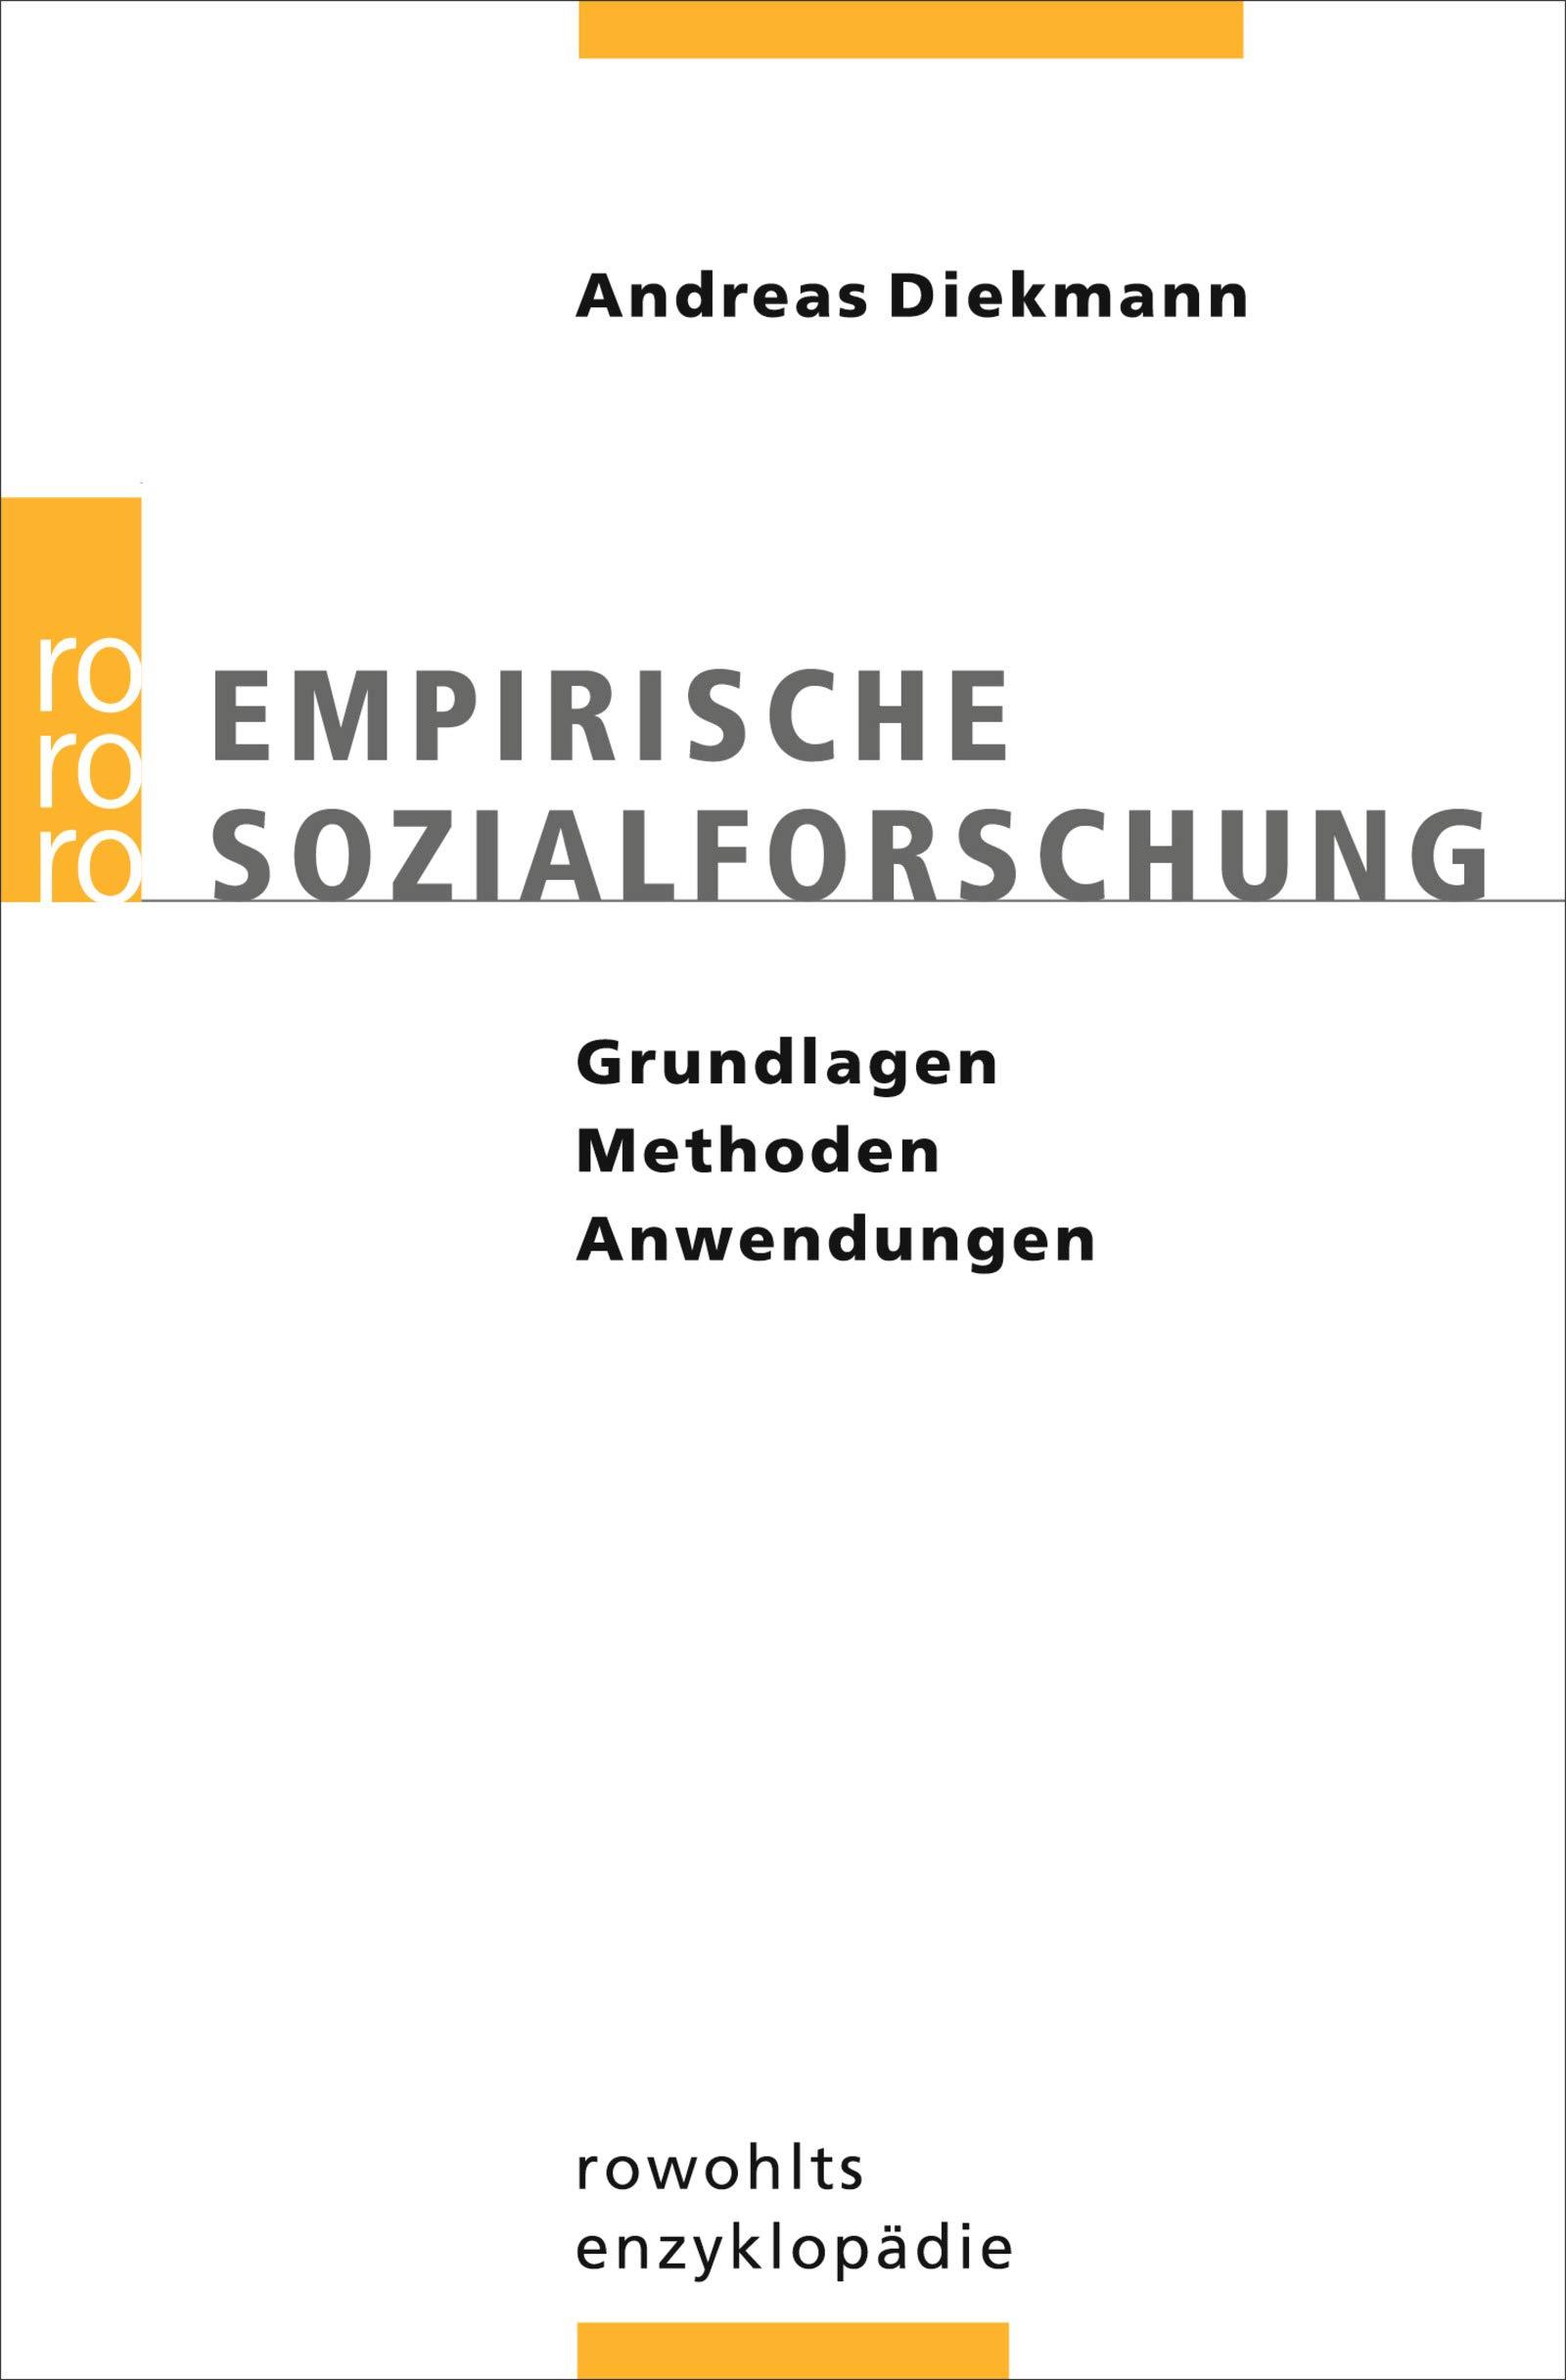 Empirische Sozialforschung  Grundlagen Methoden Anwendungen